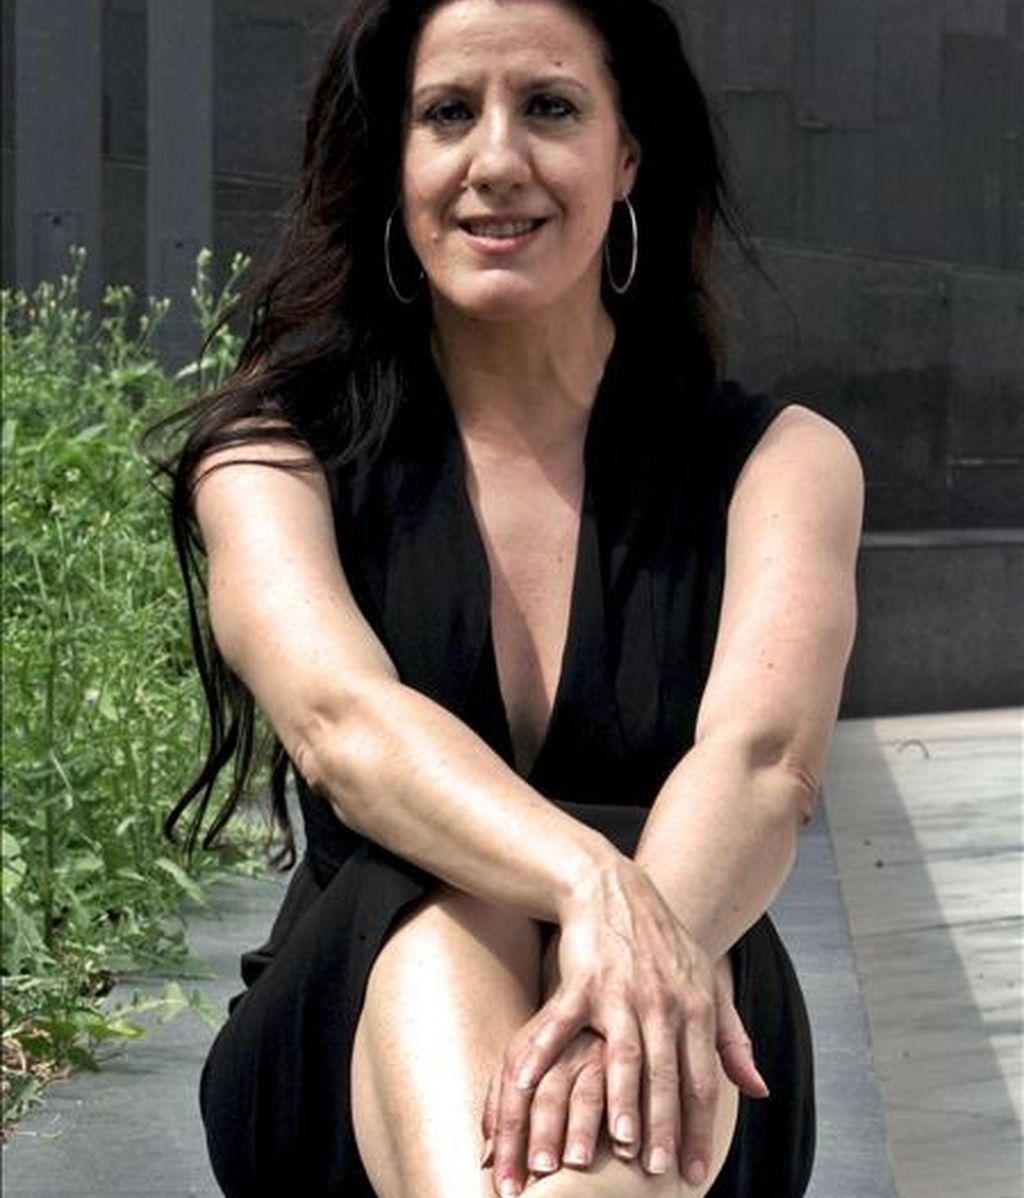 """La bailarina y coreógrafa María Pagés ofrece en su último espectáculo un autorretrato de su trayectoria vital, emocional y artística, """"sin ningún tipo de pudor ni tabú"""", según ha explicado durante una entrevista con EFE con motivo de la llegada del mismo a Barcelona, del 31 de agosto al 19 de septiembre. EFE"""